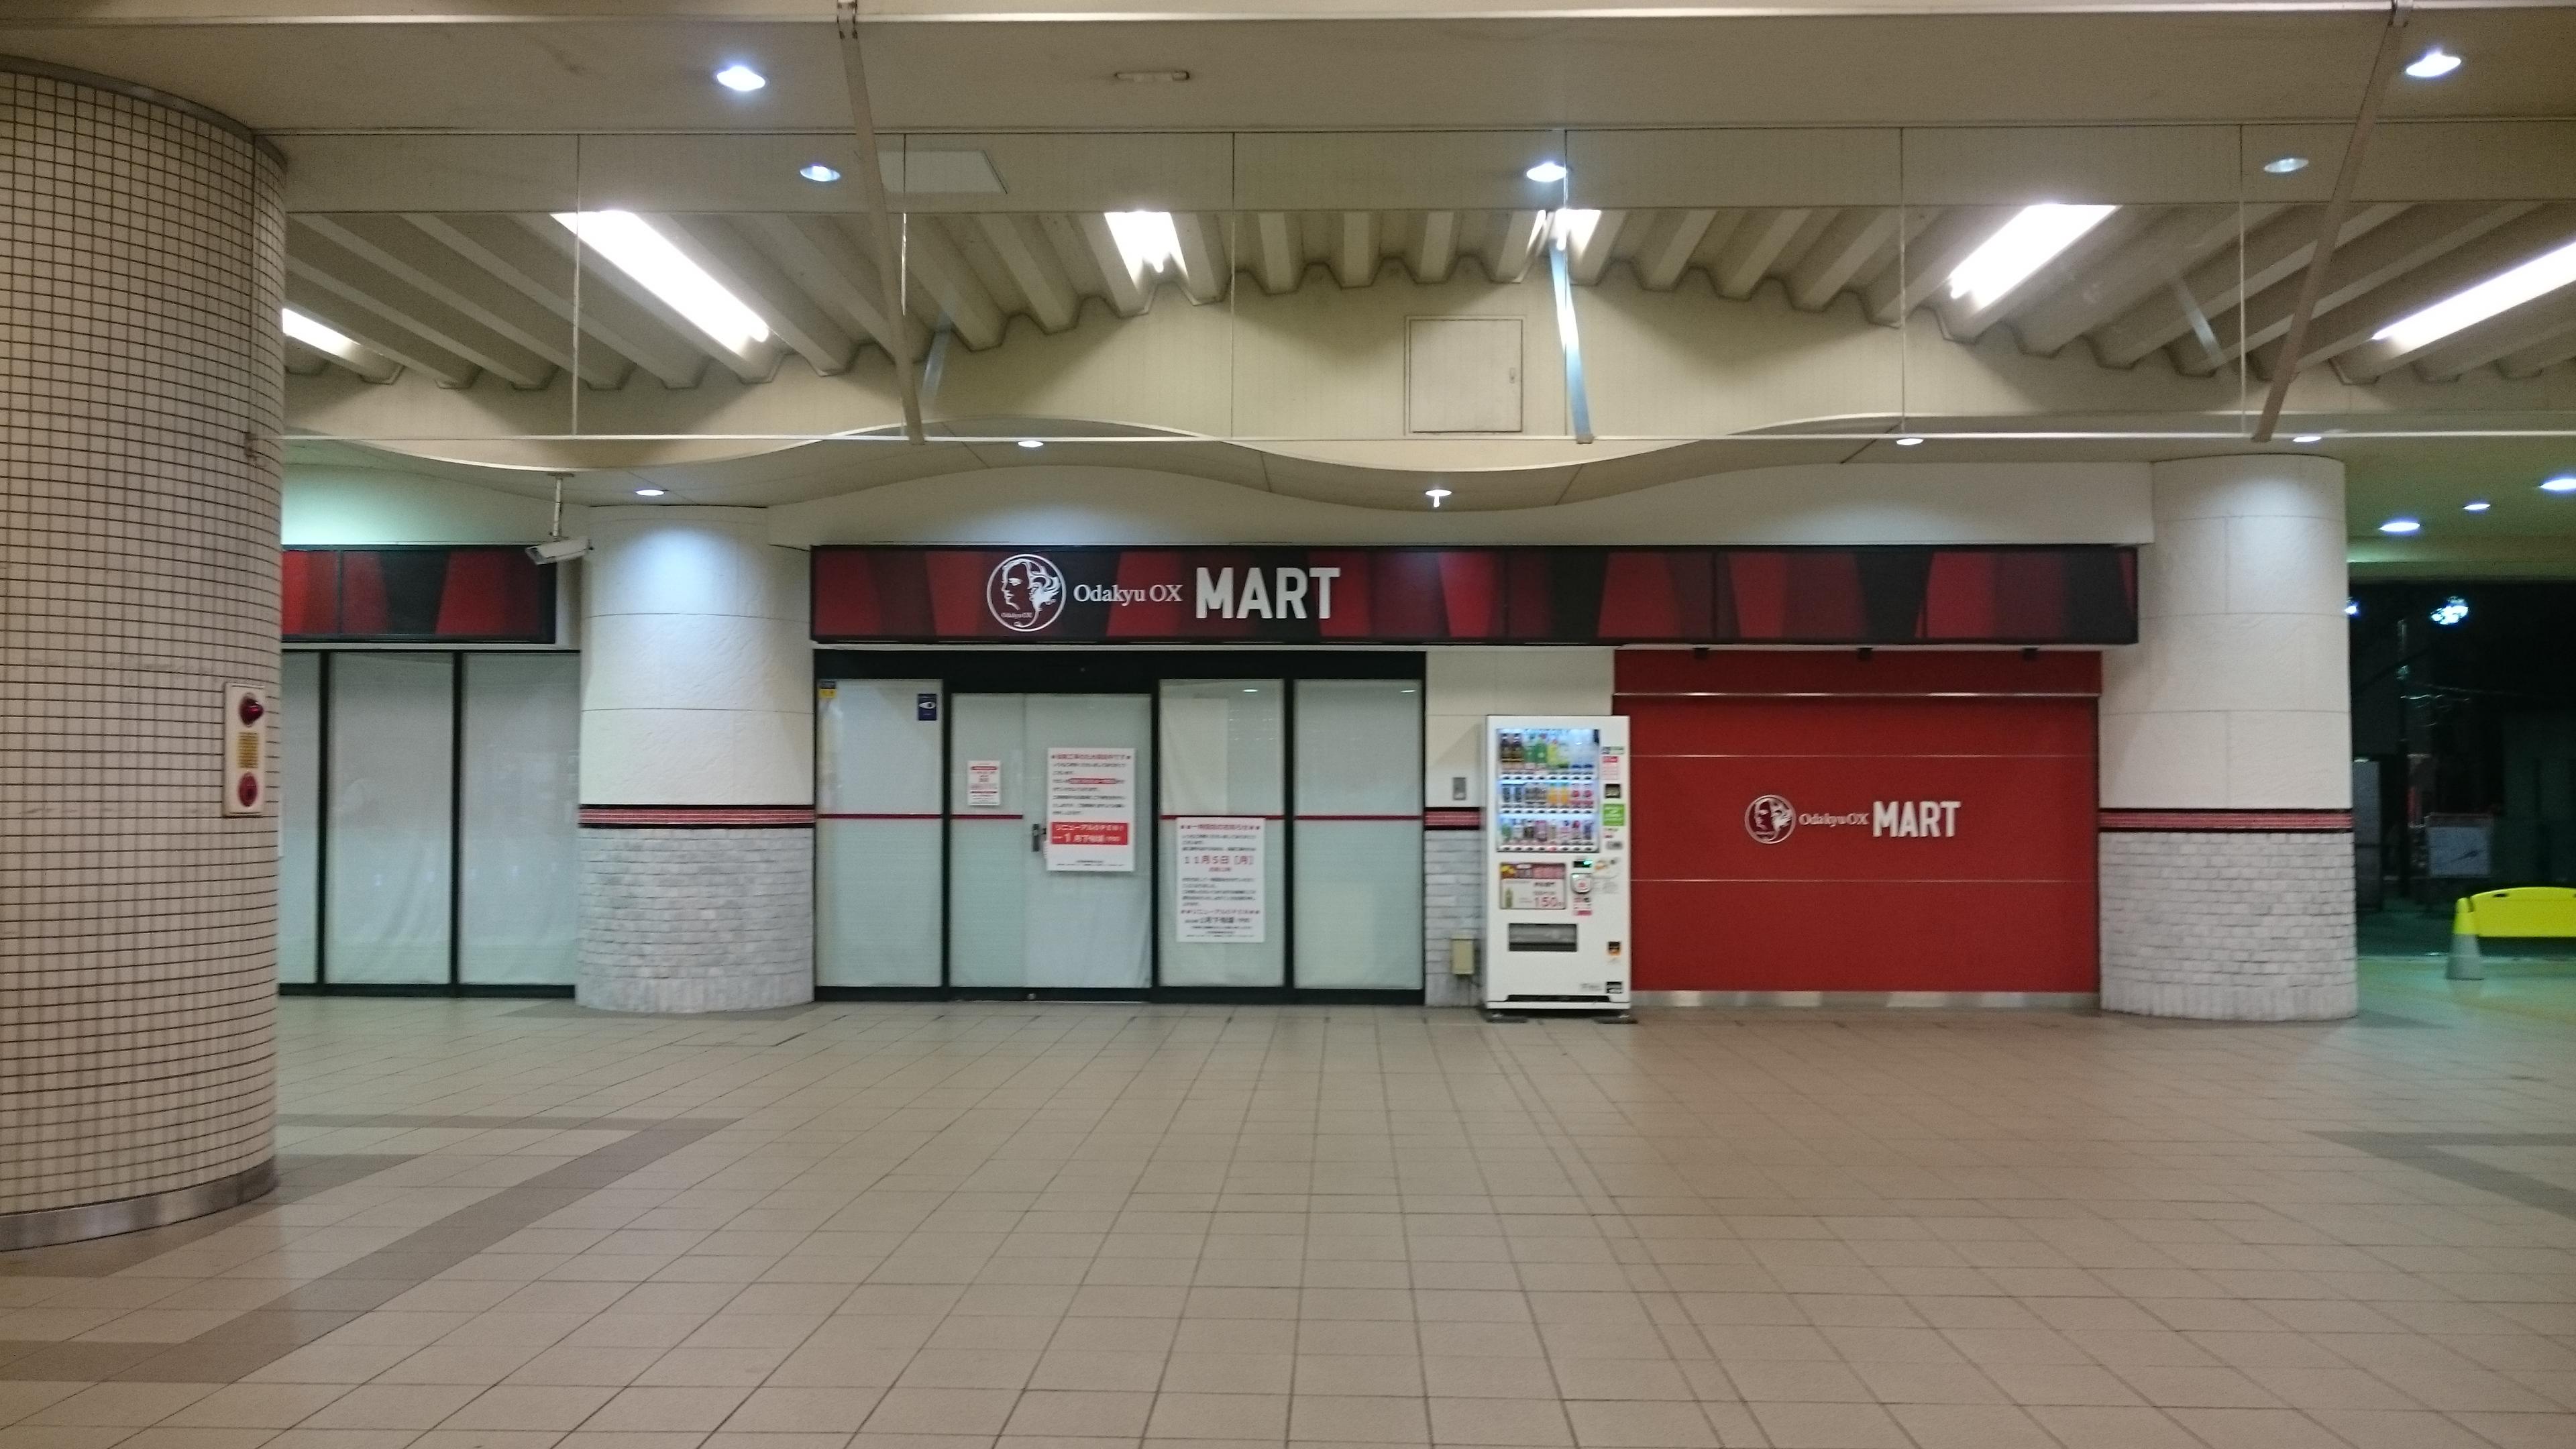 小田急線喜多見: Odakyu OX MART閉店